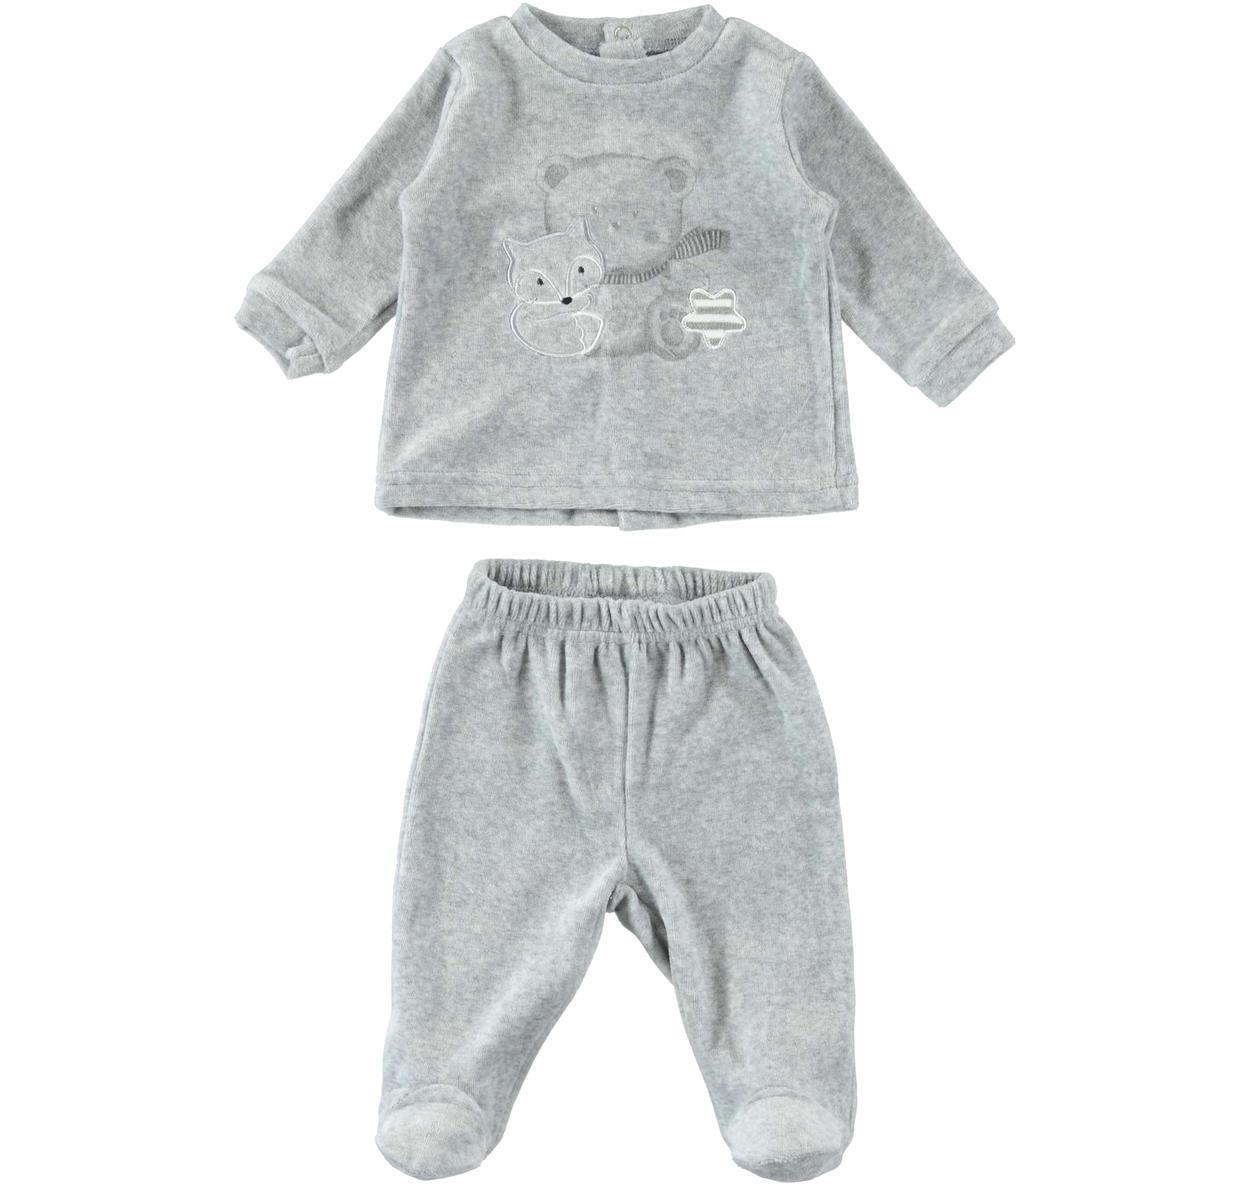 nuova alta qualità meticolosi processi di tintura vari stili Tutina neonato due pezzi modello unisex in ciniglia per neonati da 0 a 18  mesi iDO